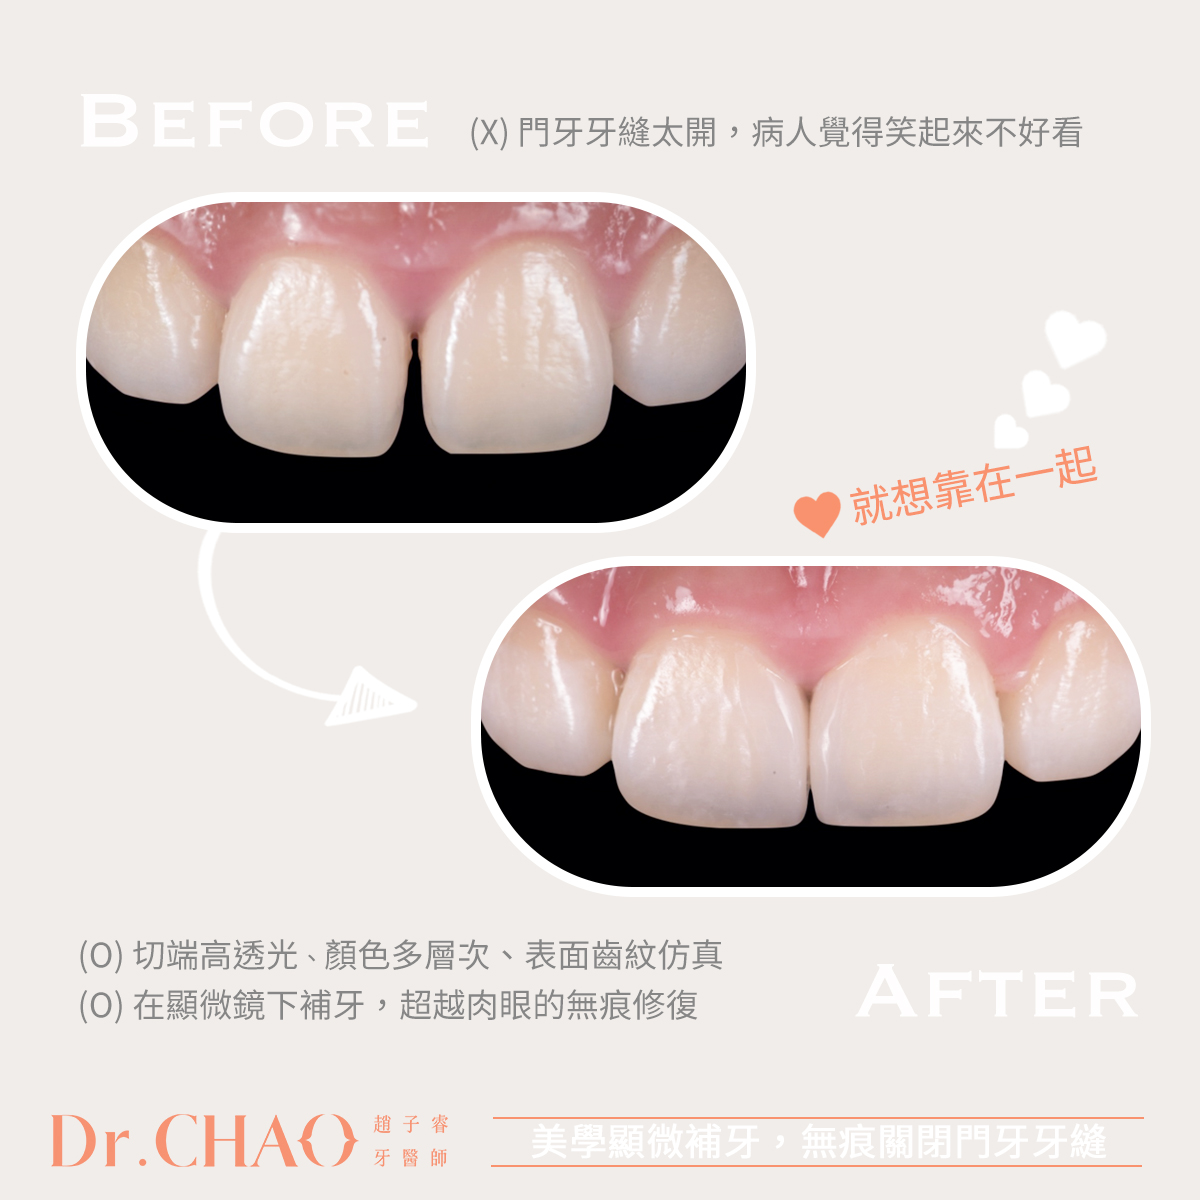 趙子睿醫師利用美學顯微補牙,成功改善病患原來門牙牙縫太開、不敢笑的困擾